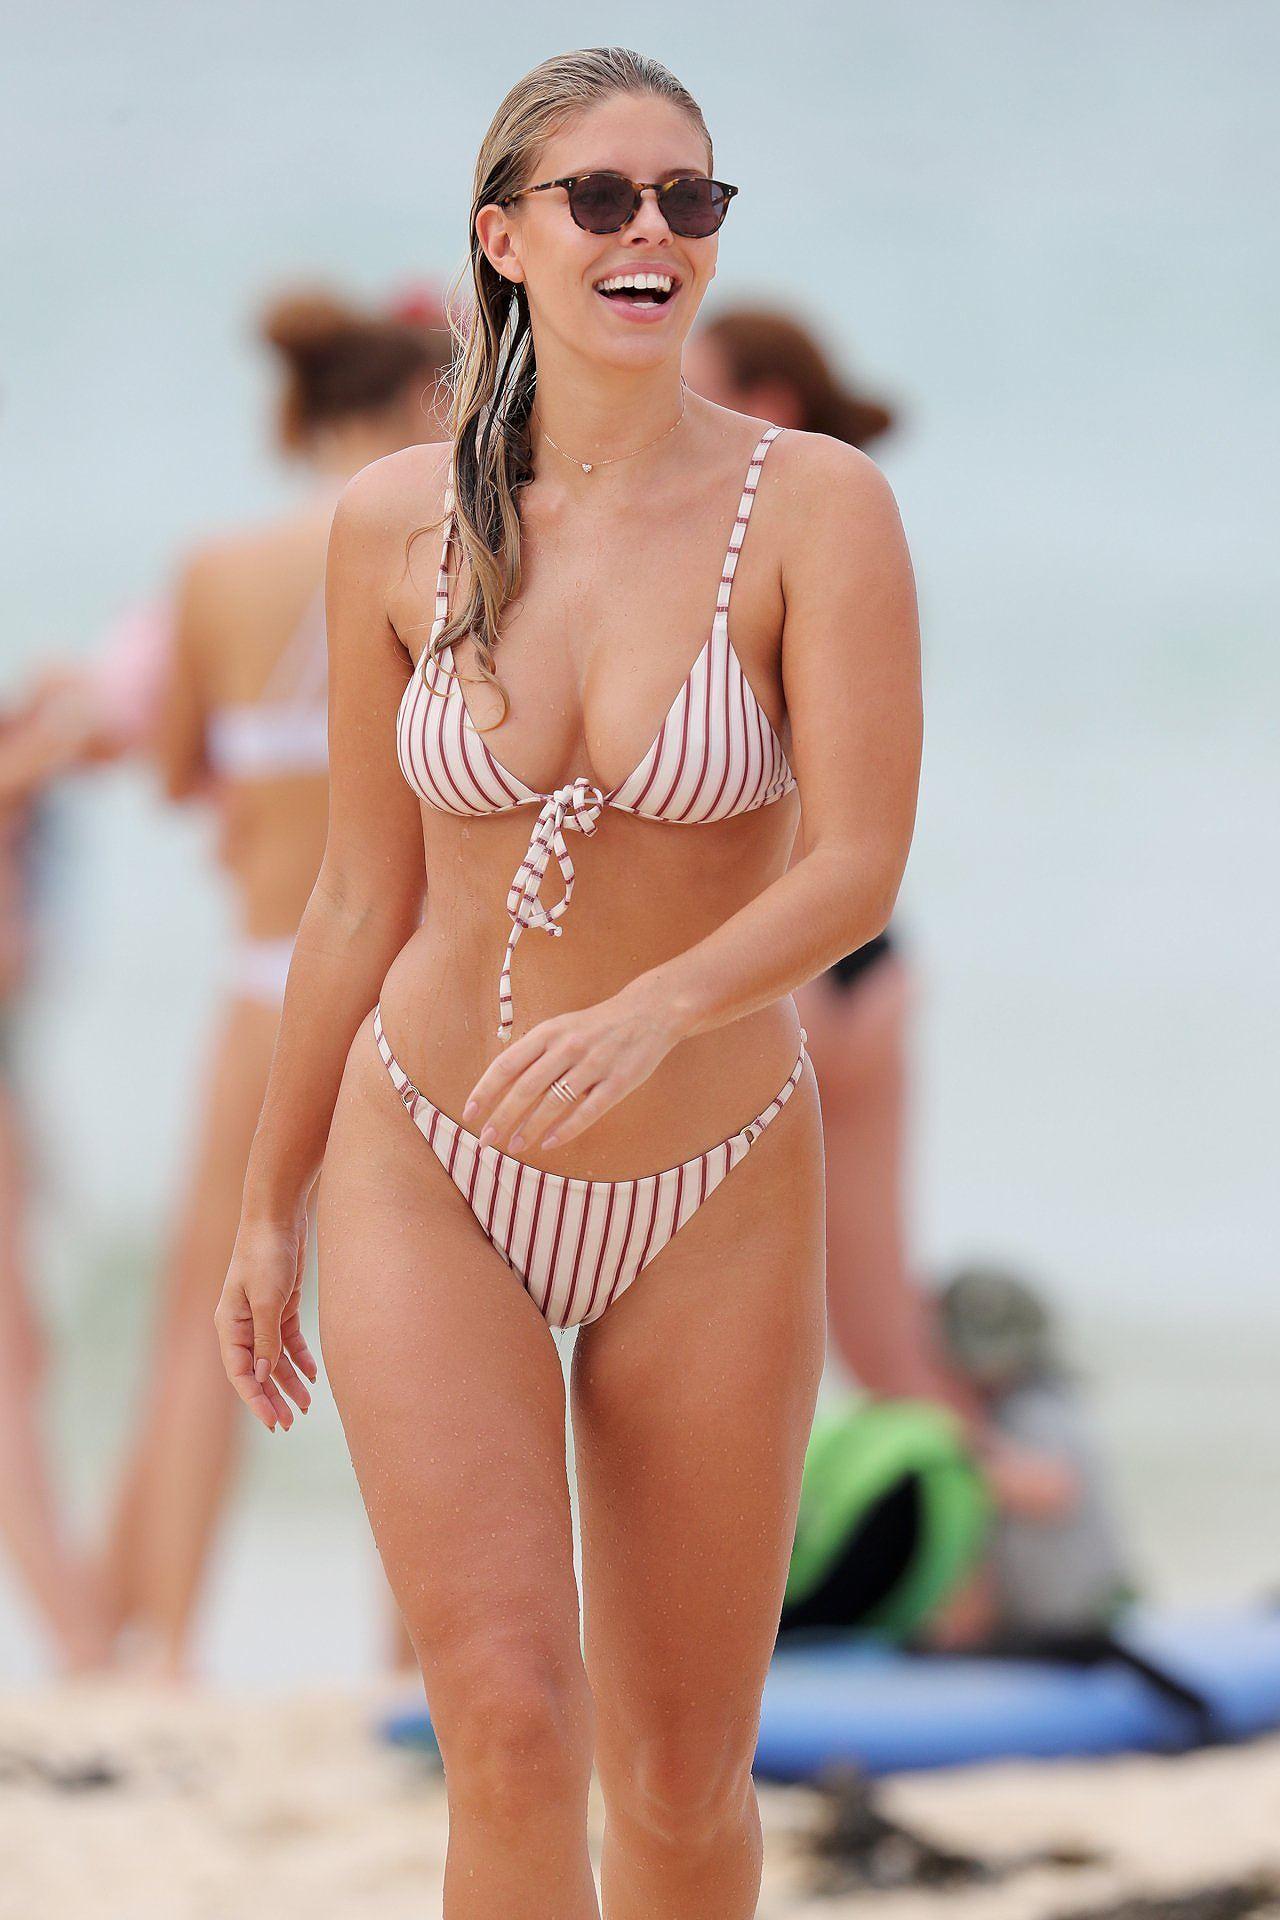 Vóc dáng 'vạn người mê' của người mẫu đình đám Úc Natasha Oakley Ảnh 3